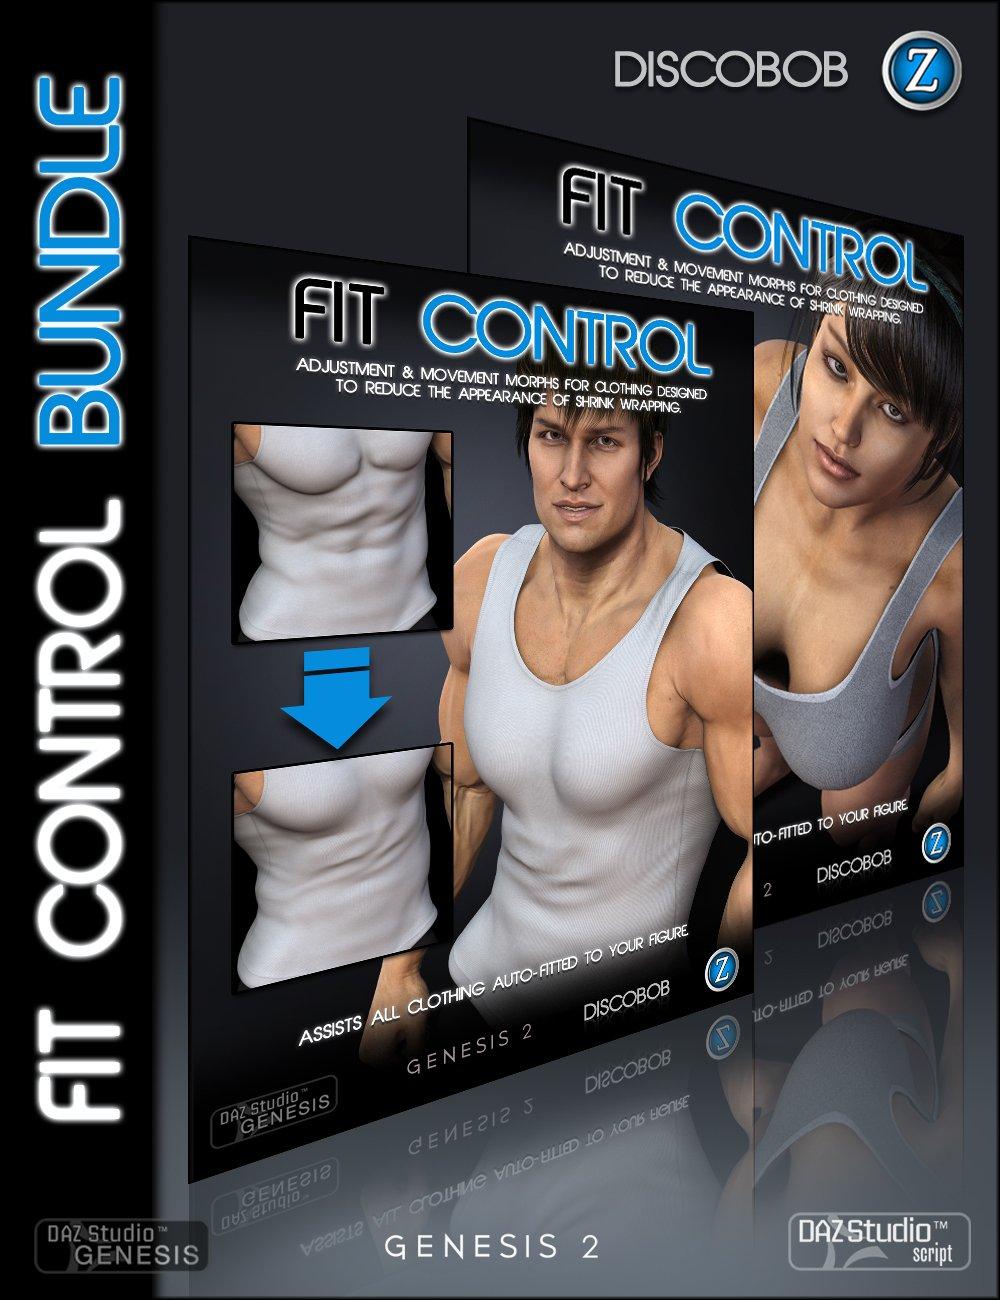 Fit Control Bundle by: DiscobobZev0, 3D Models by Daz 3D